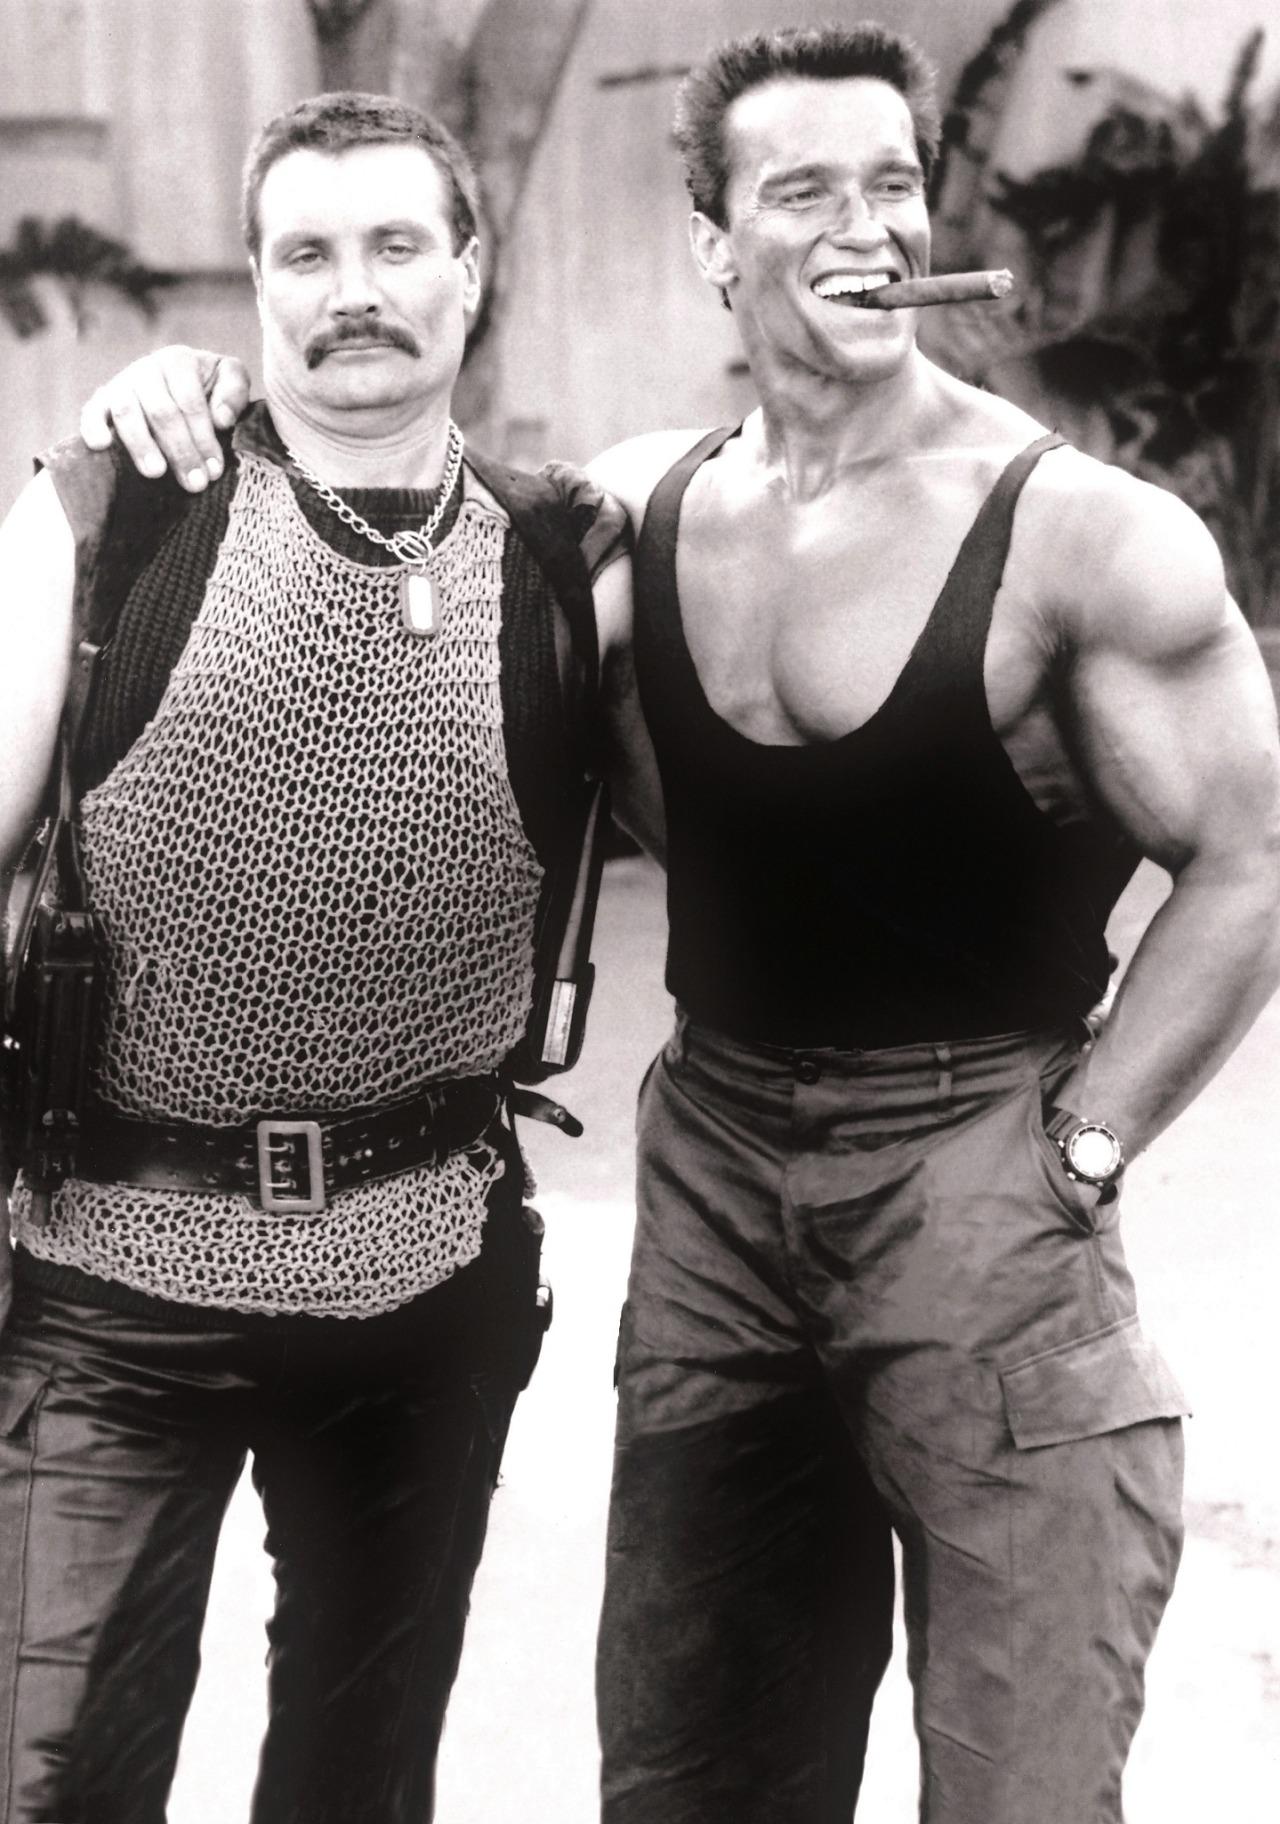 Arnie's Top Ten Movie Puns Matrix and Bennett